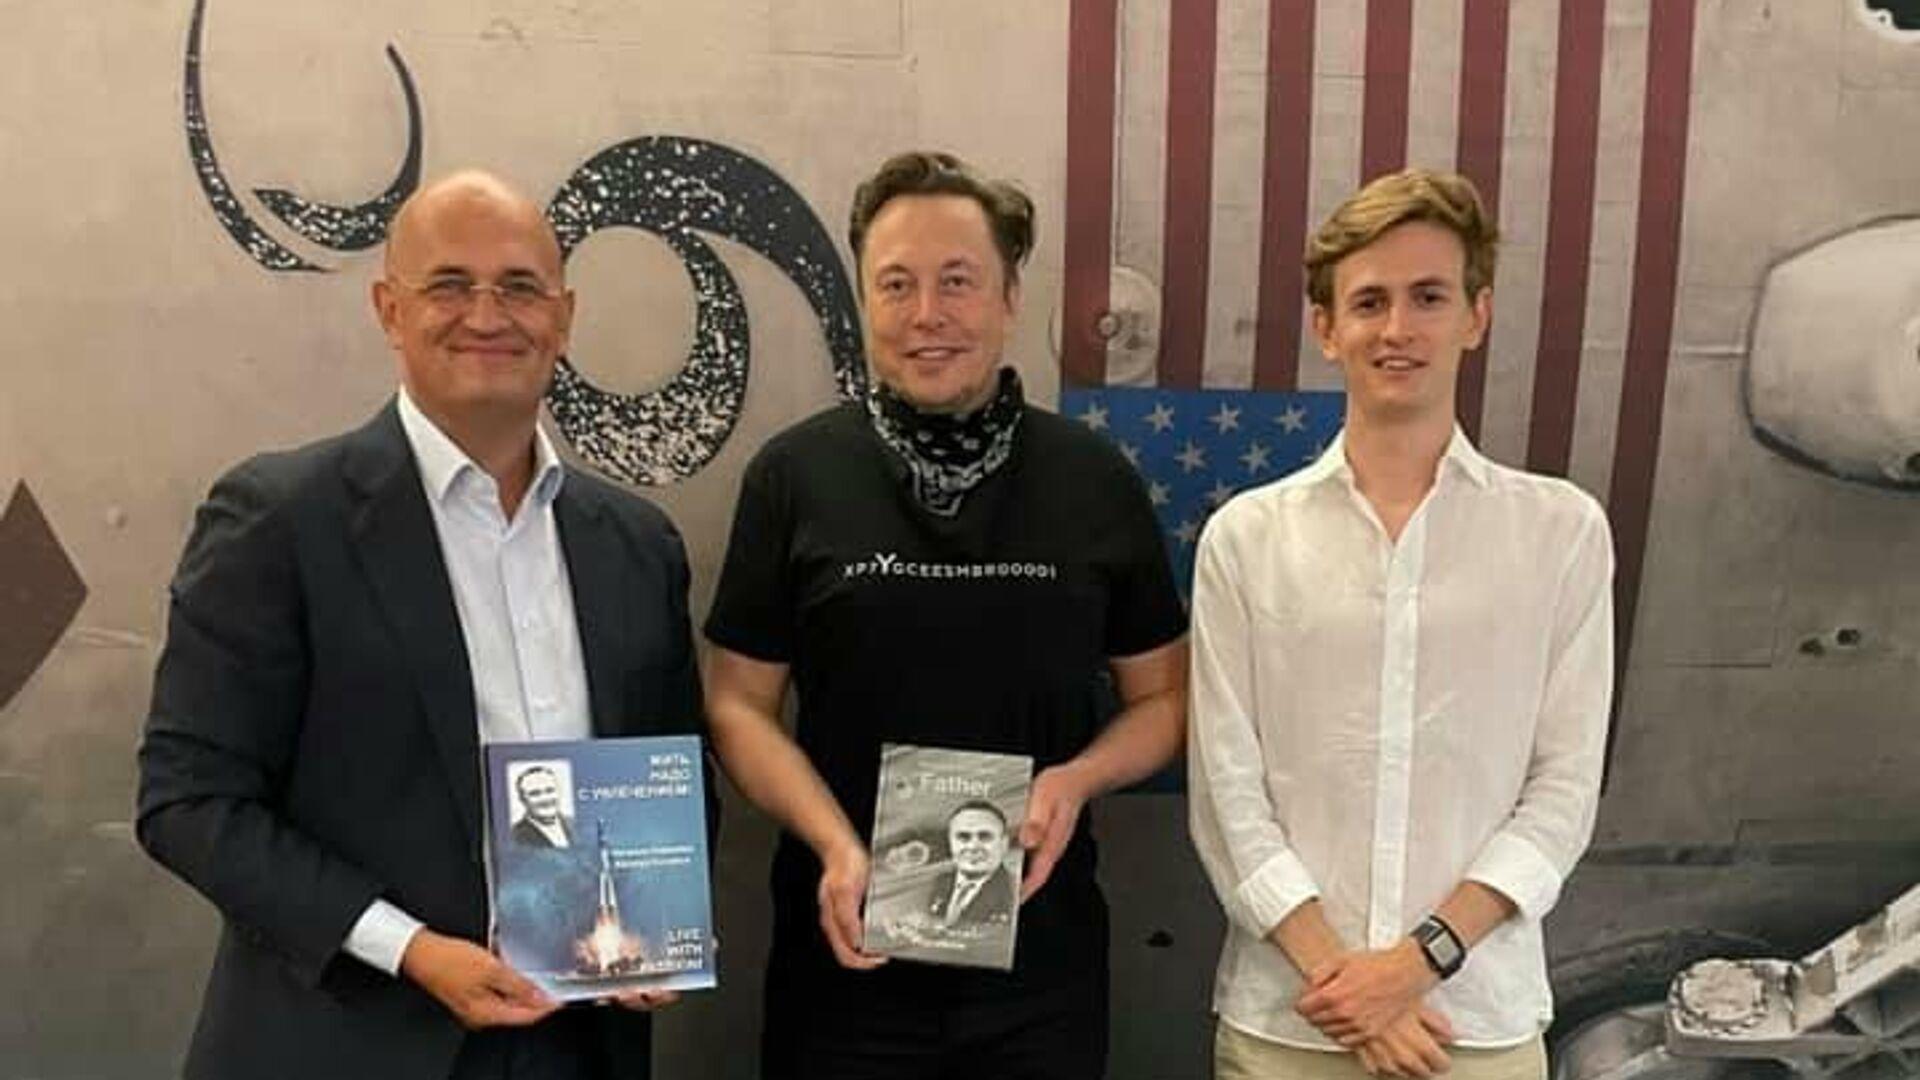 Внук Сергея Королева по приглашению Илона Маска посетил завод SpaceX